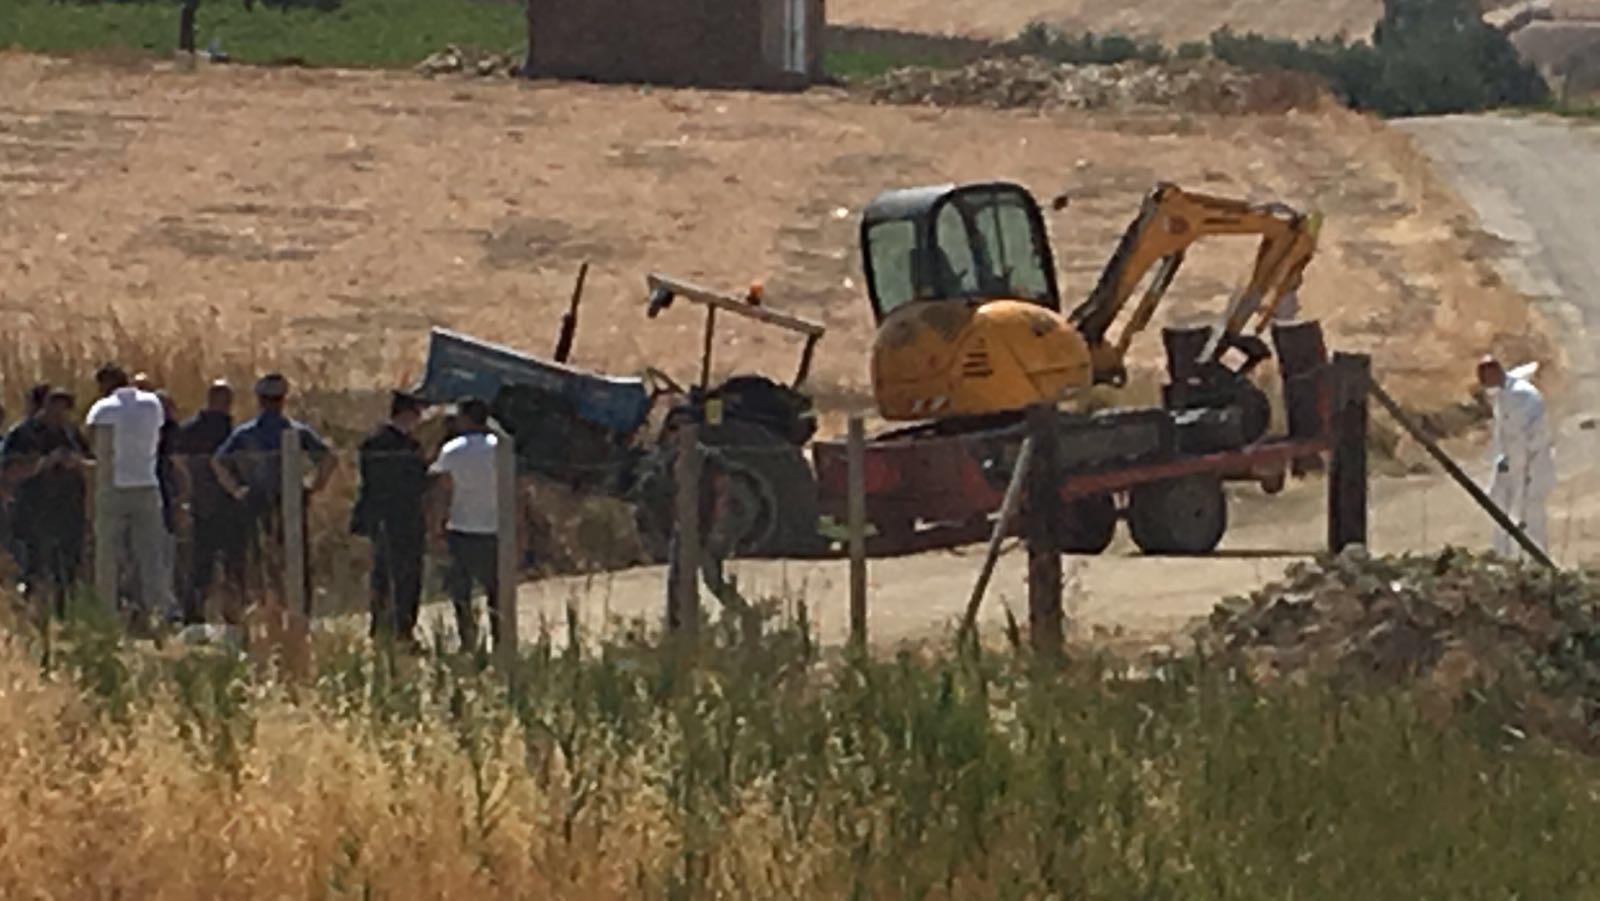 Omicidio nelle campagne di Agrigento, ucciso un uomo di 39 anni